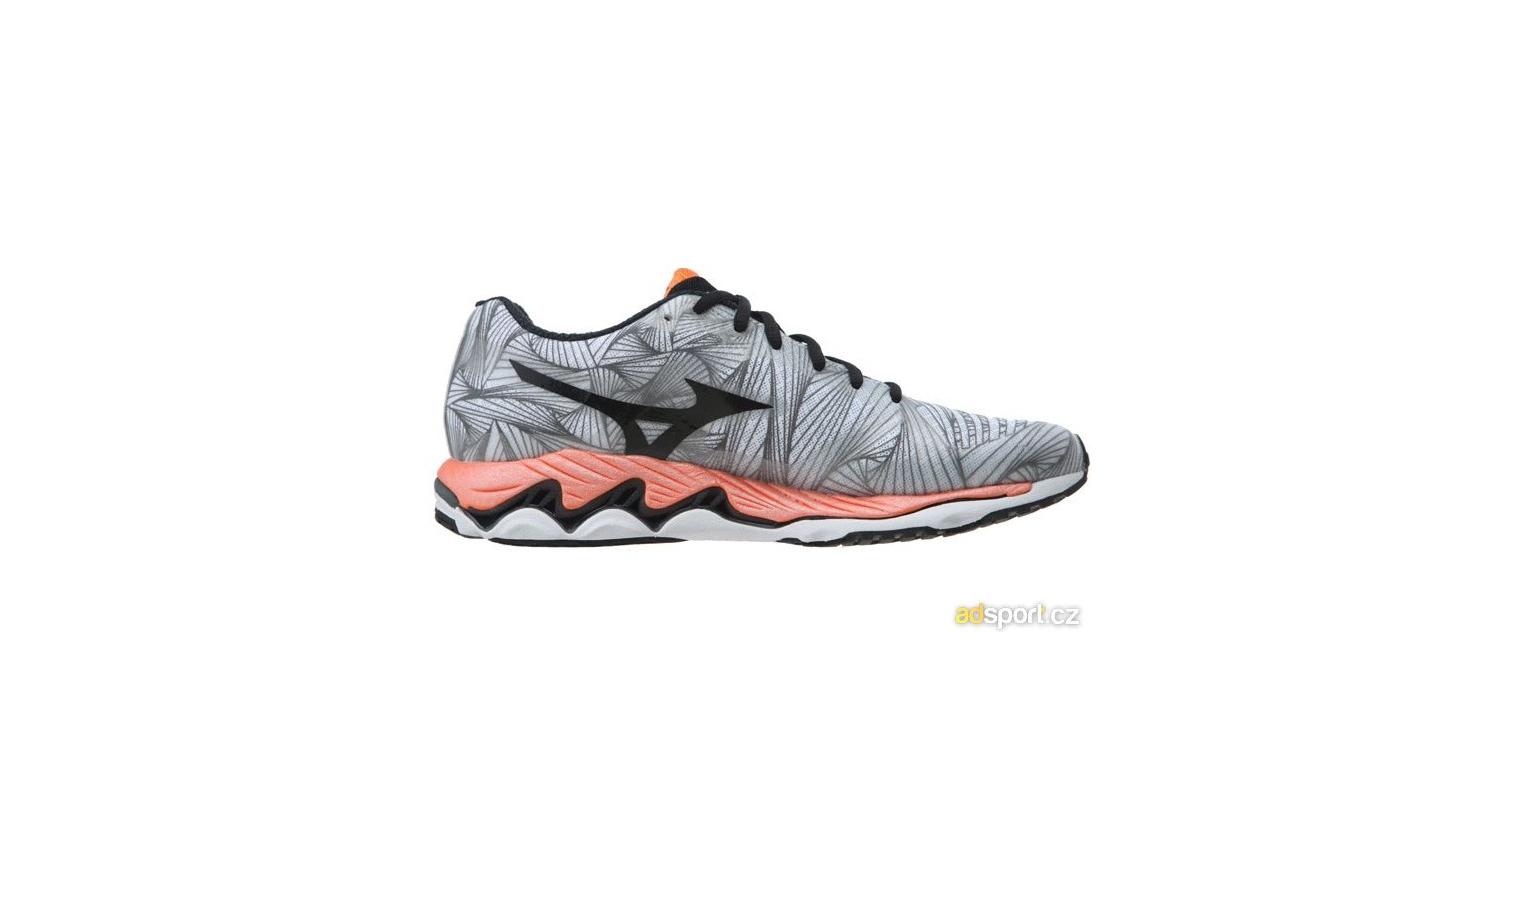 ... Pánské běžecké boty Mizuno WAVE PARADOX šedé   oranžové. Sleva a004eabb7e7